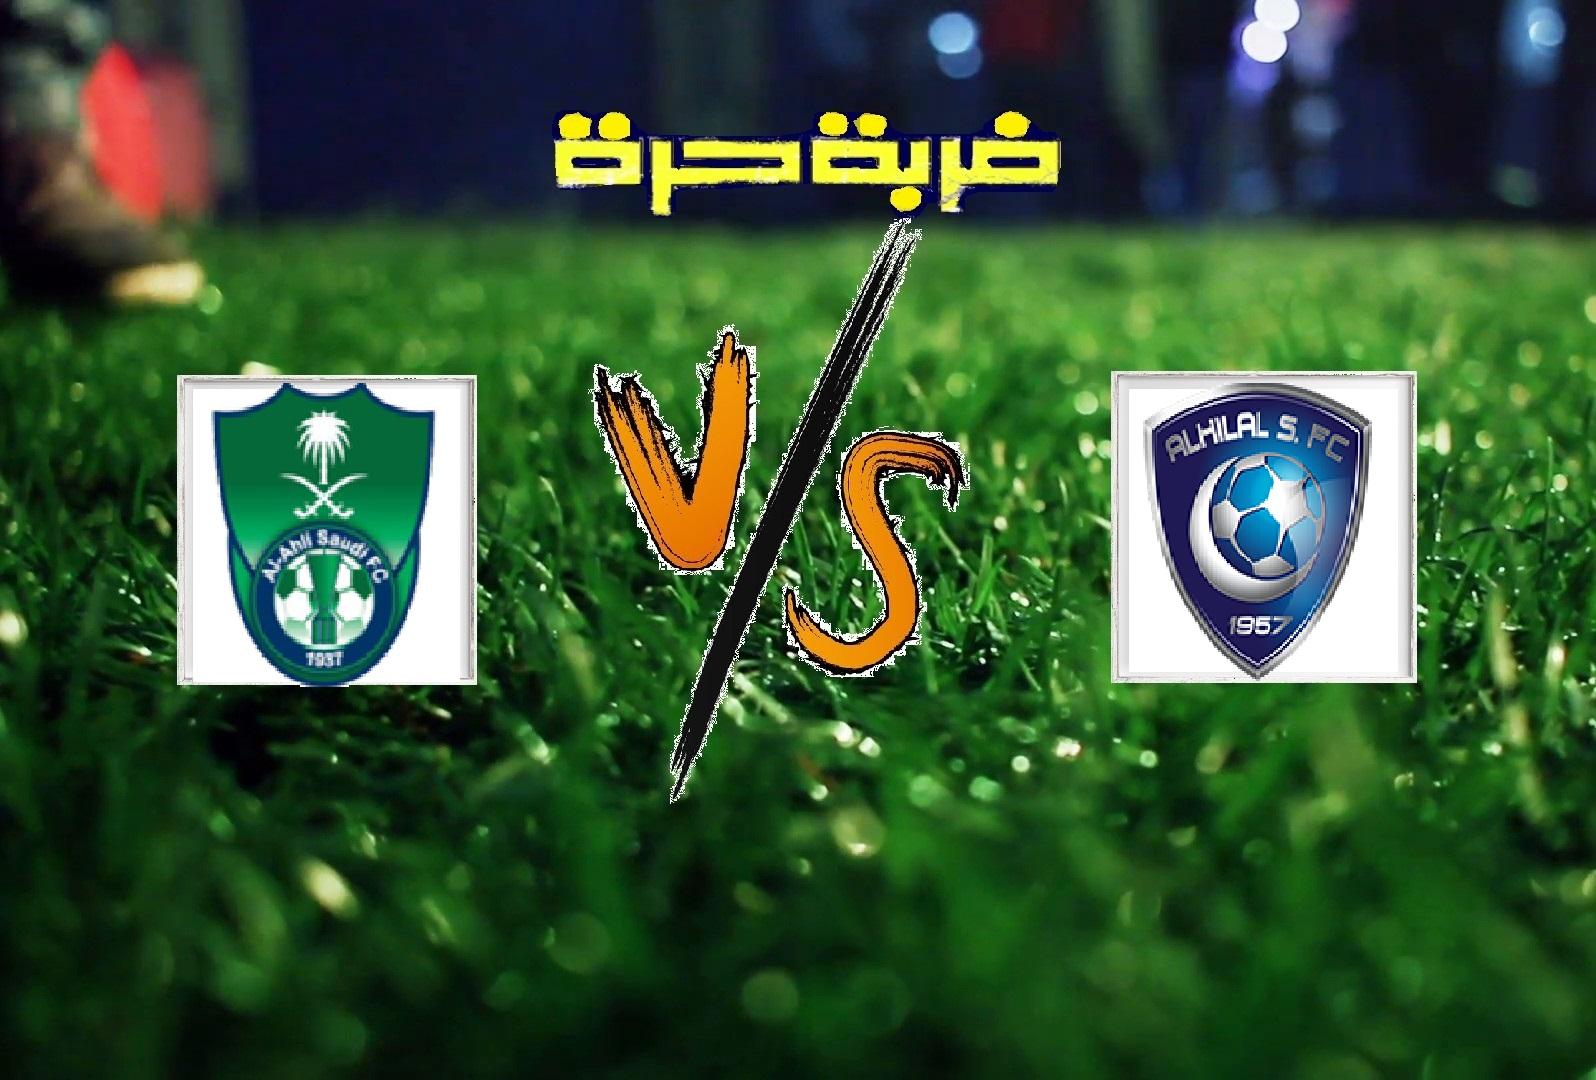 نتيجة مباراة الهلال والاهلي بتاريخ 12-04-2019 الدوري السعودي